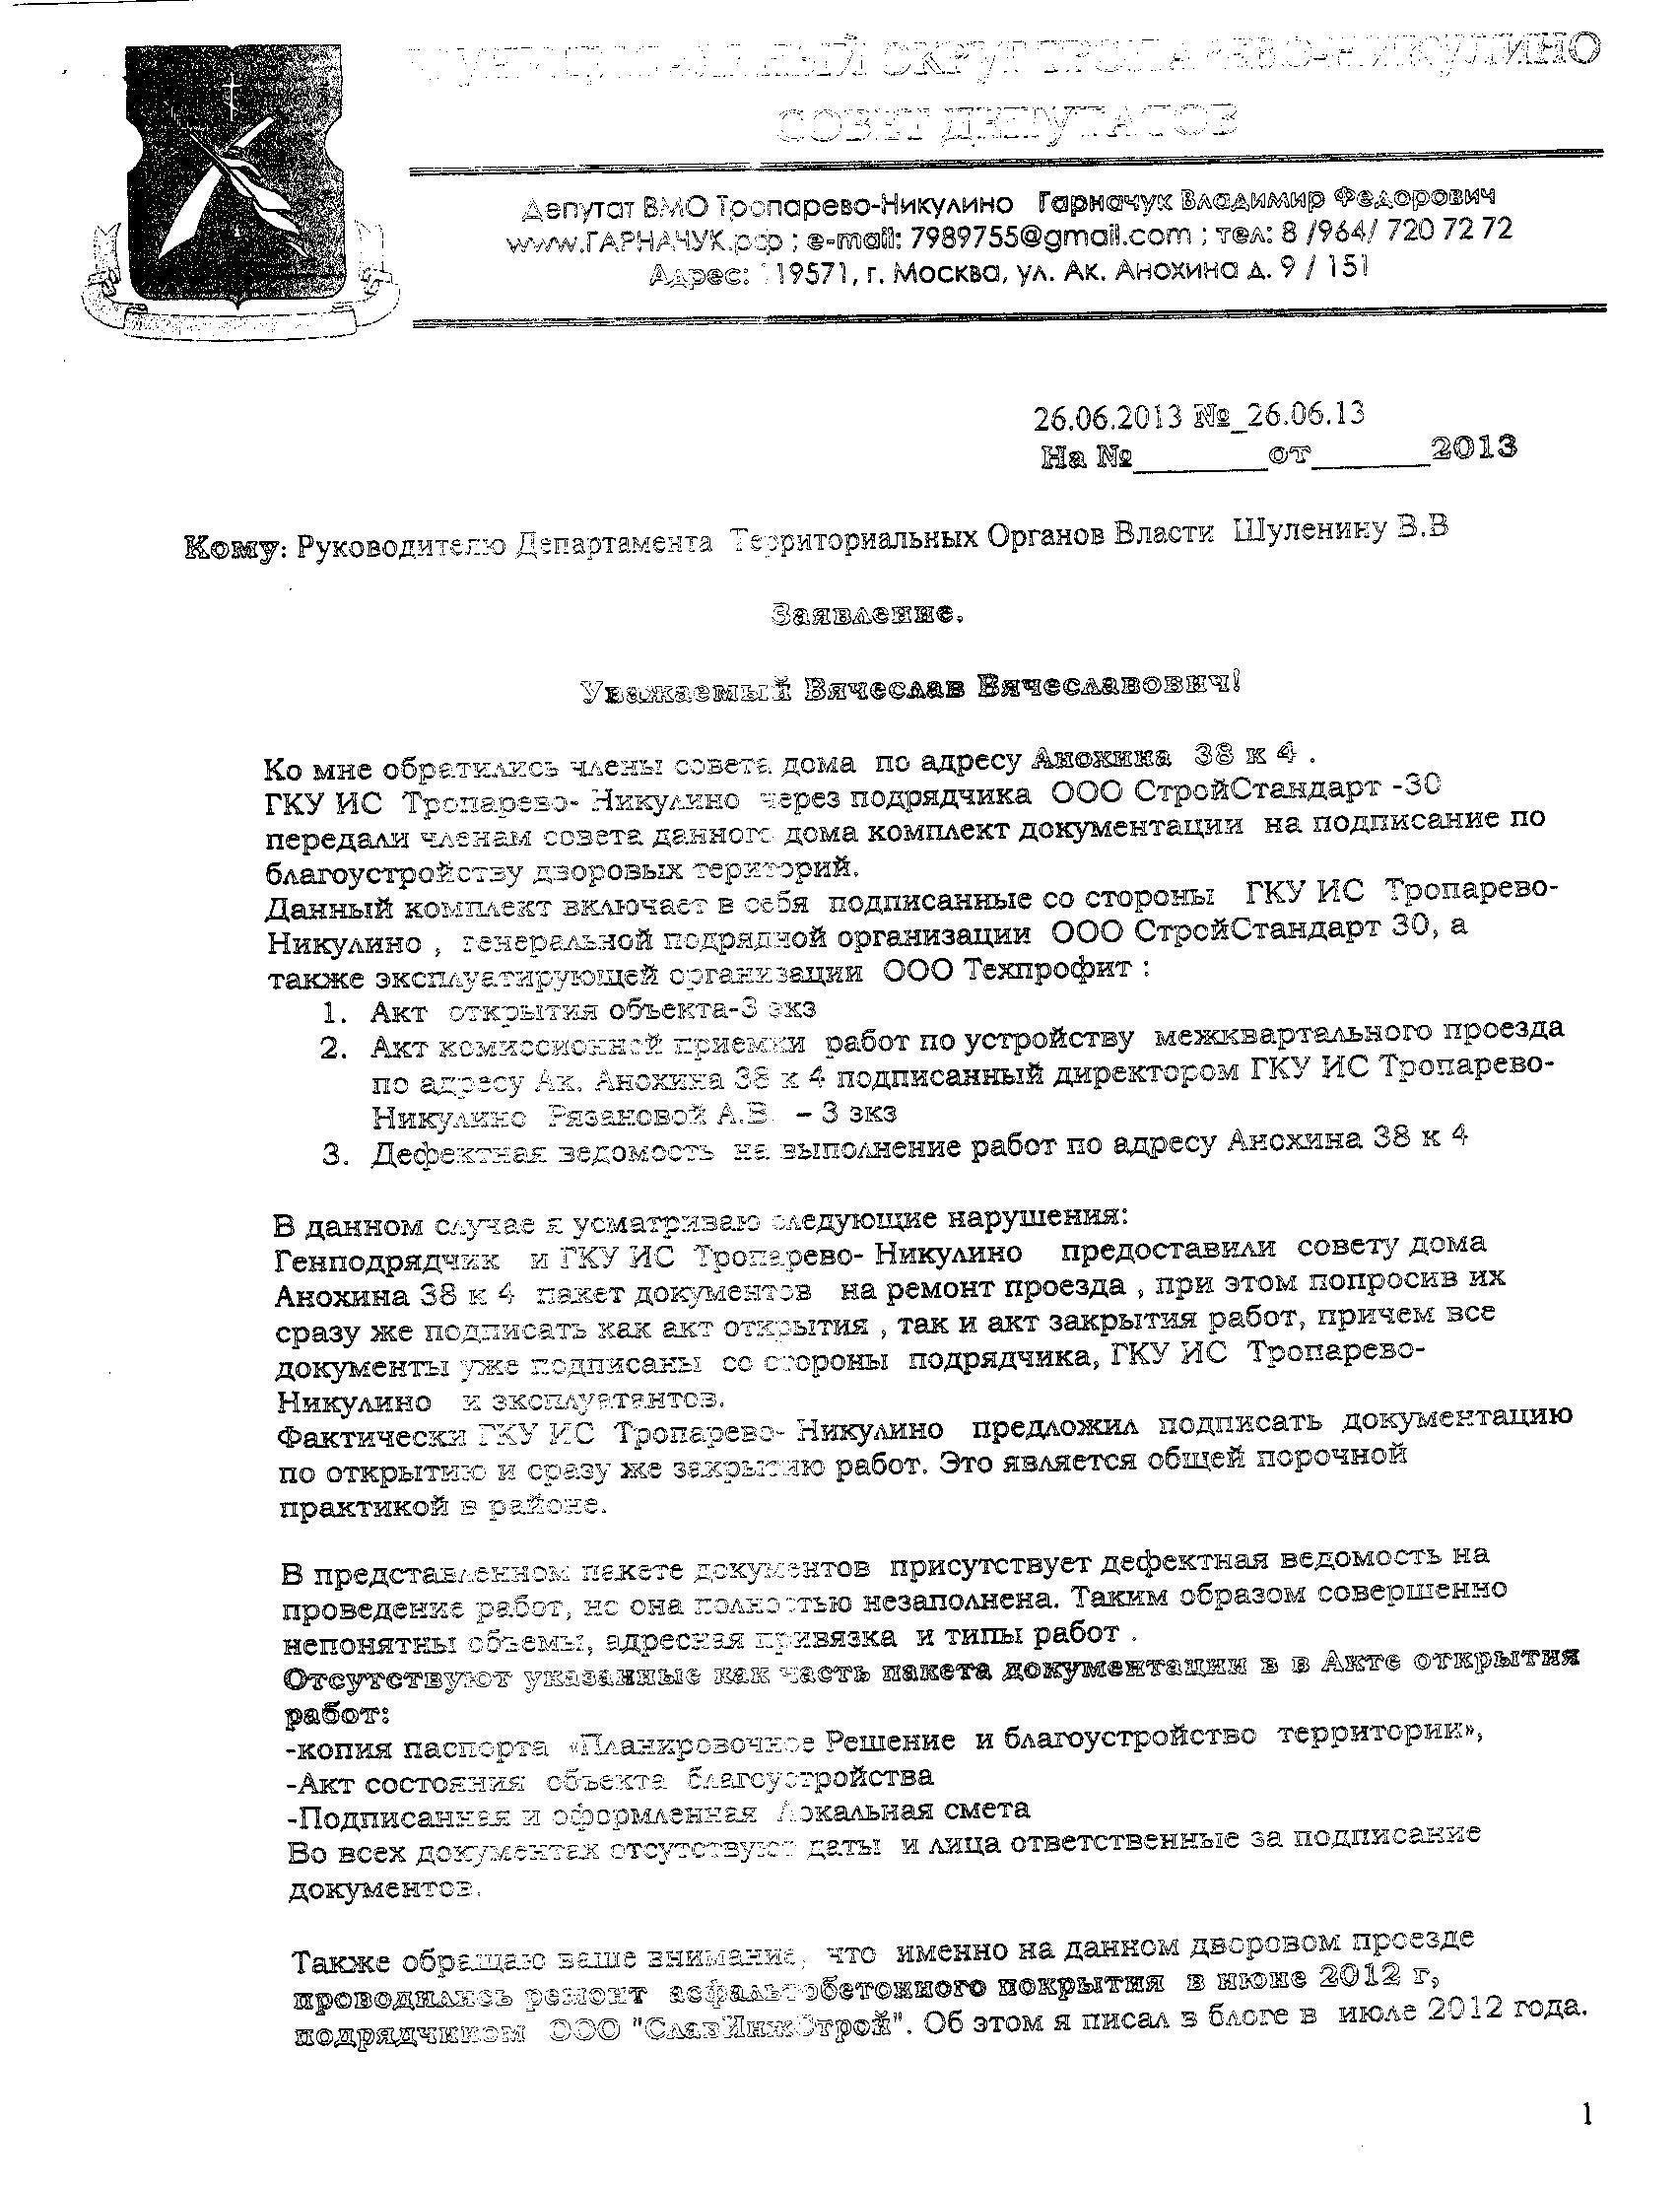 обращение  Шуленин ГУИС 25.06.13 001